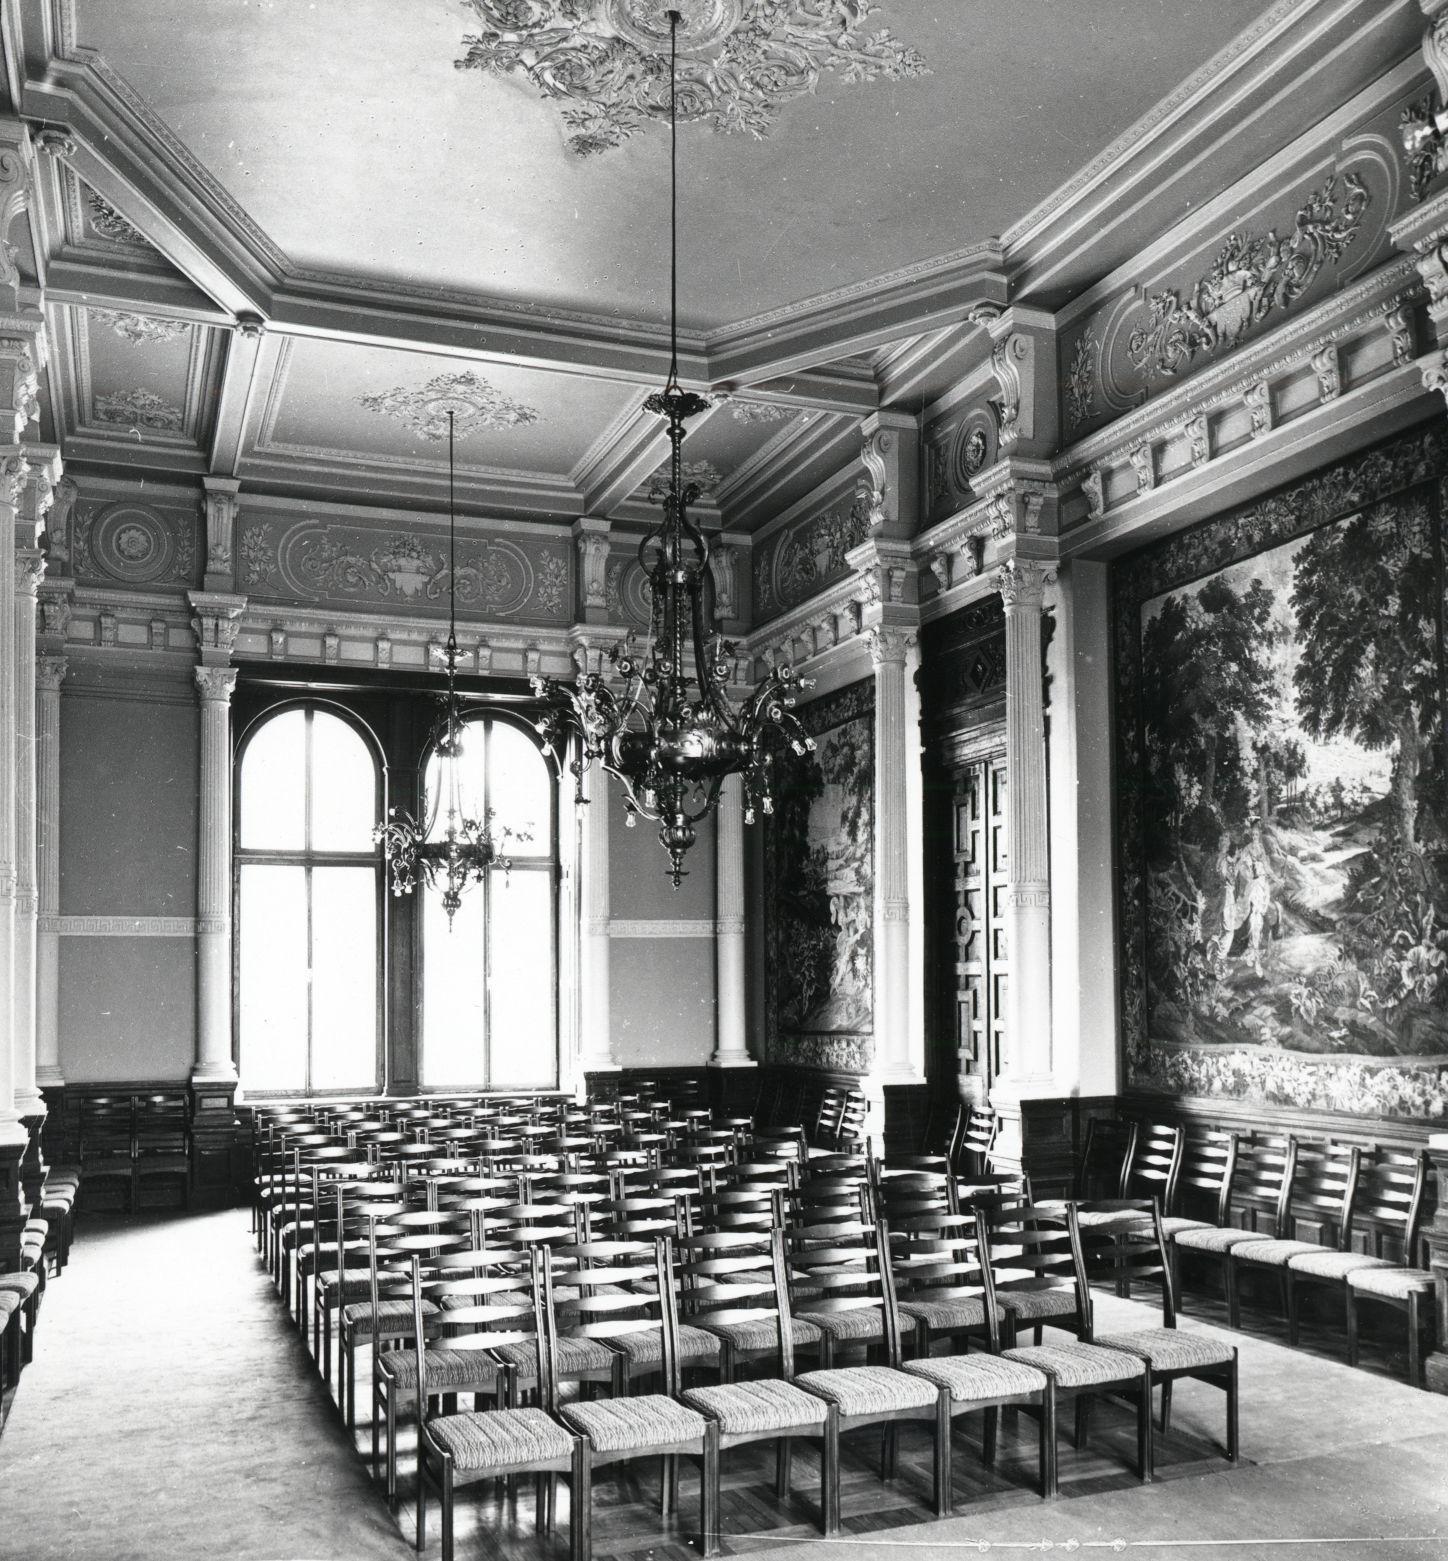 Chandeliers in the main hall of the Verkiai Palace. Photo by Mečislovas Sakalauskas, 1976, in: Lietuvos centrinis valstybės archyvas, P-29271